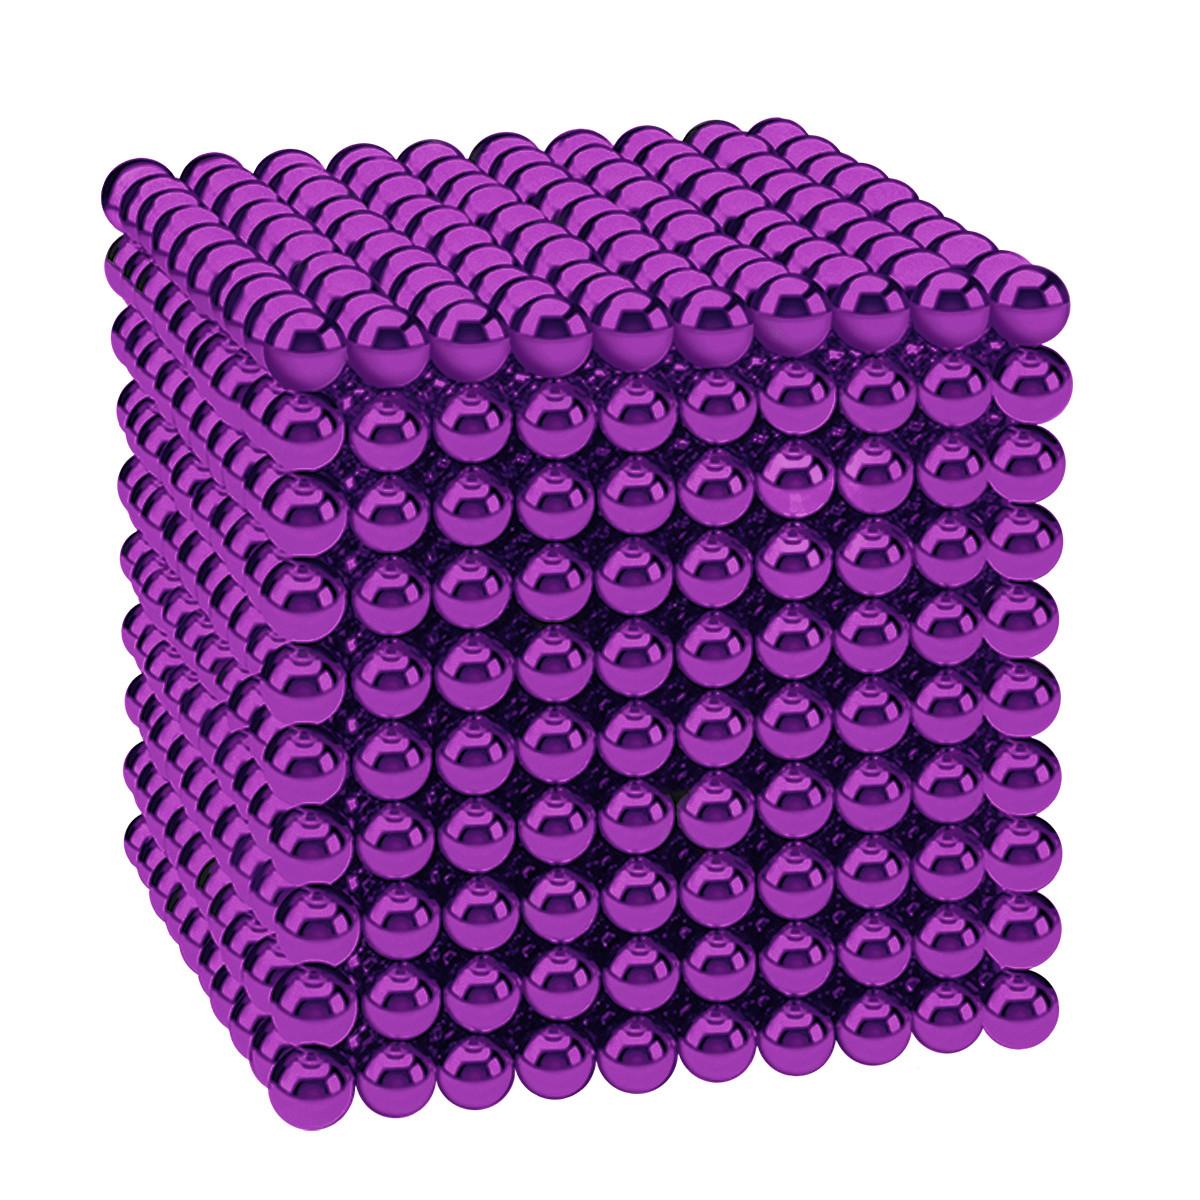 Магнітні кульки-головоломка SKY NEOCUBE (D5) комплект (1000 шт) Purple